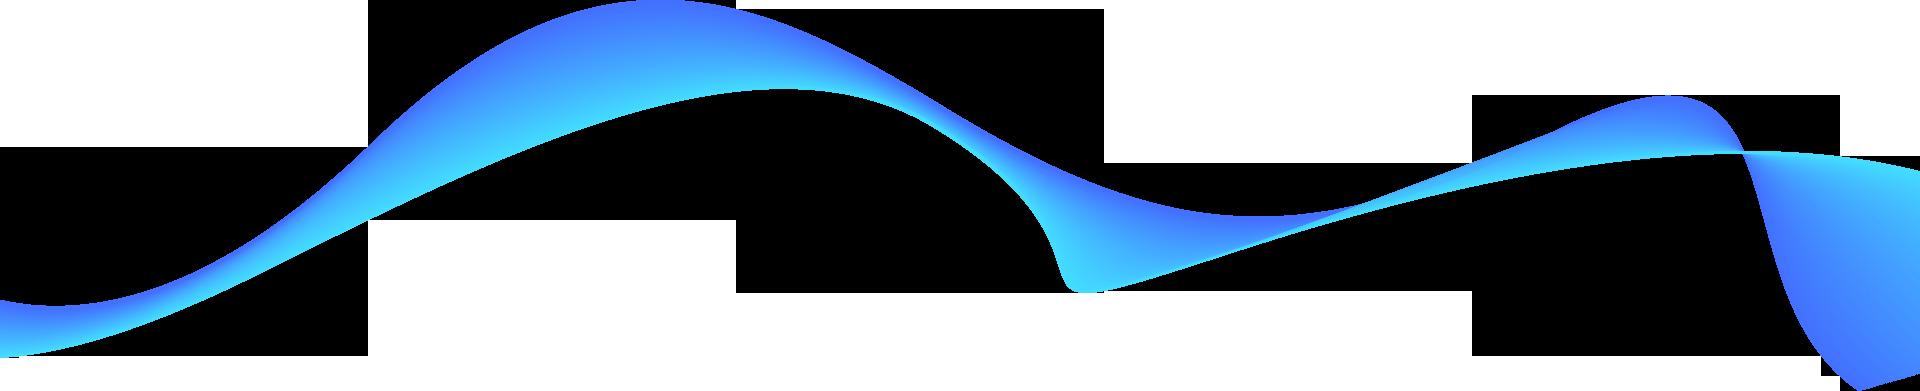 工业物联网设备云平台